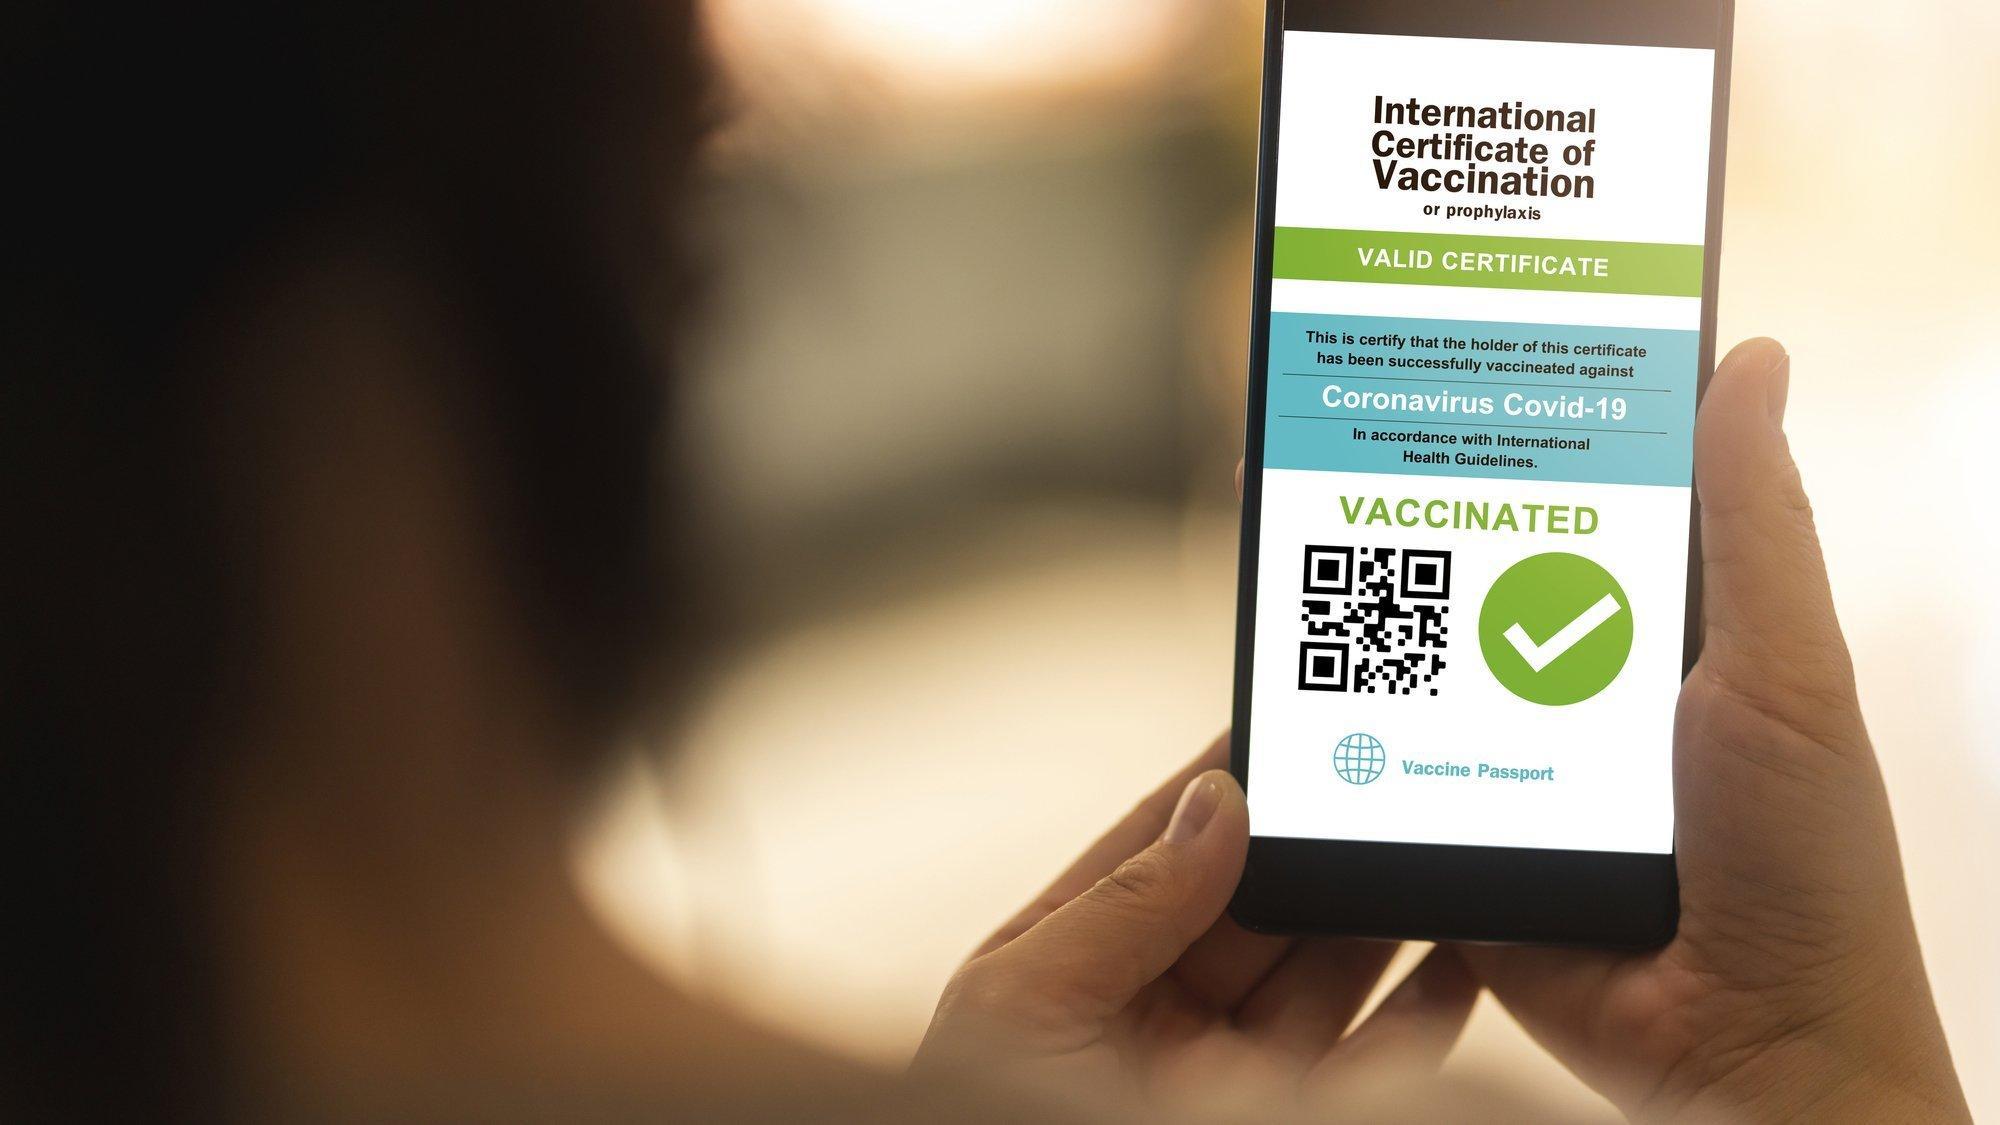 Eine ausgeblendete Person hält ihr Handy in der Hand, auf dem Bildschirm ist das Symbolbild eines digitalen Impfausweises zu sehen.